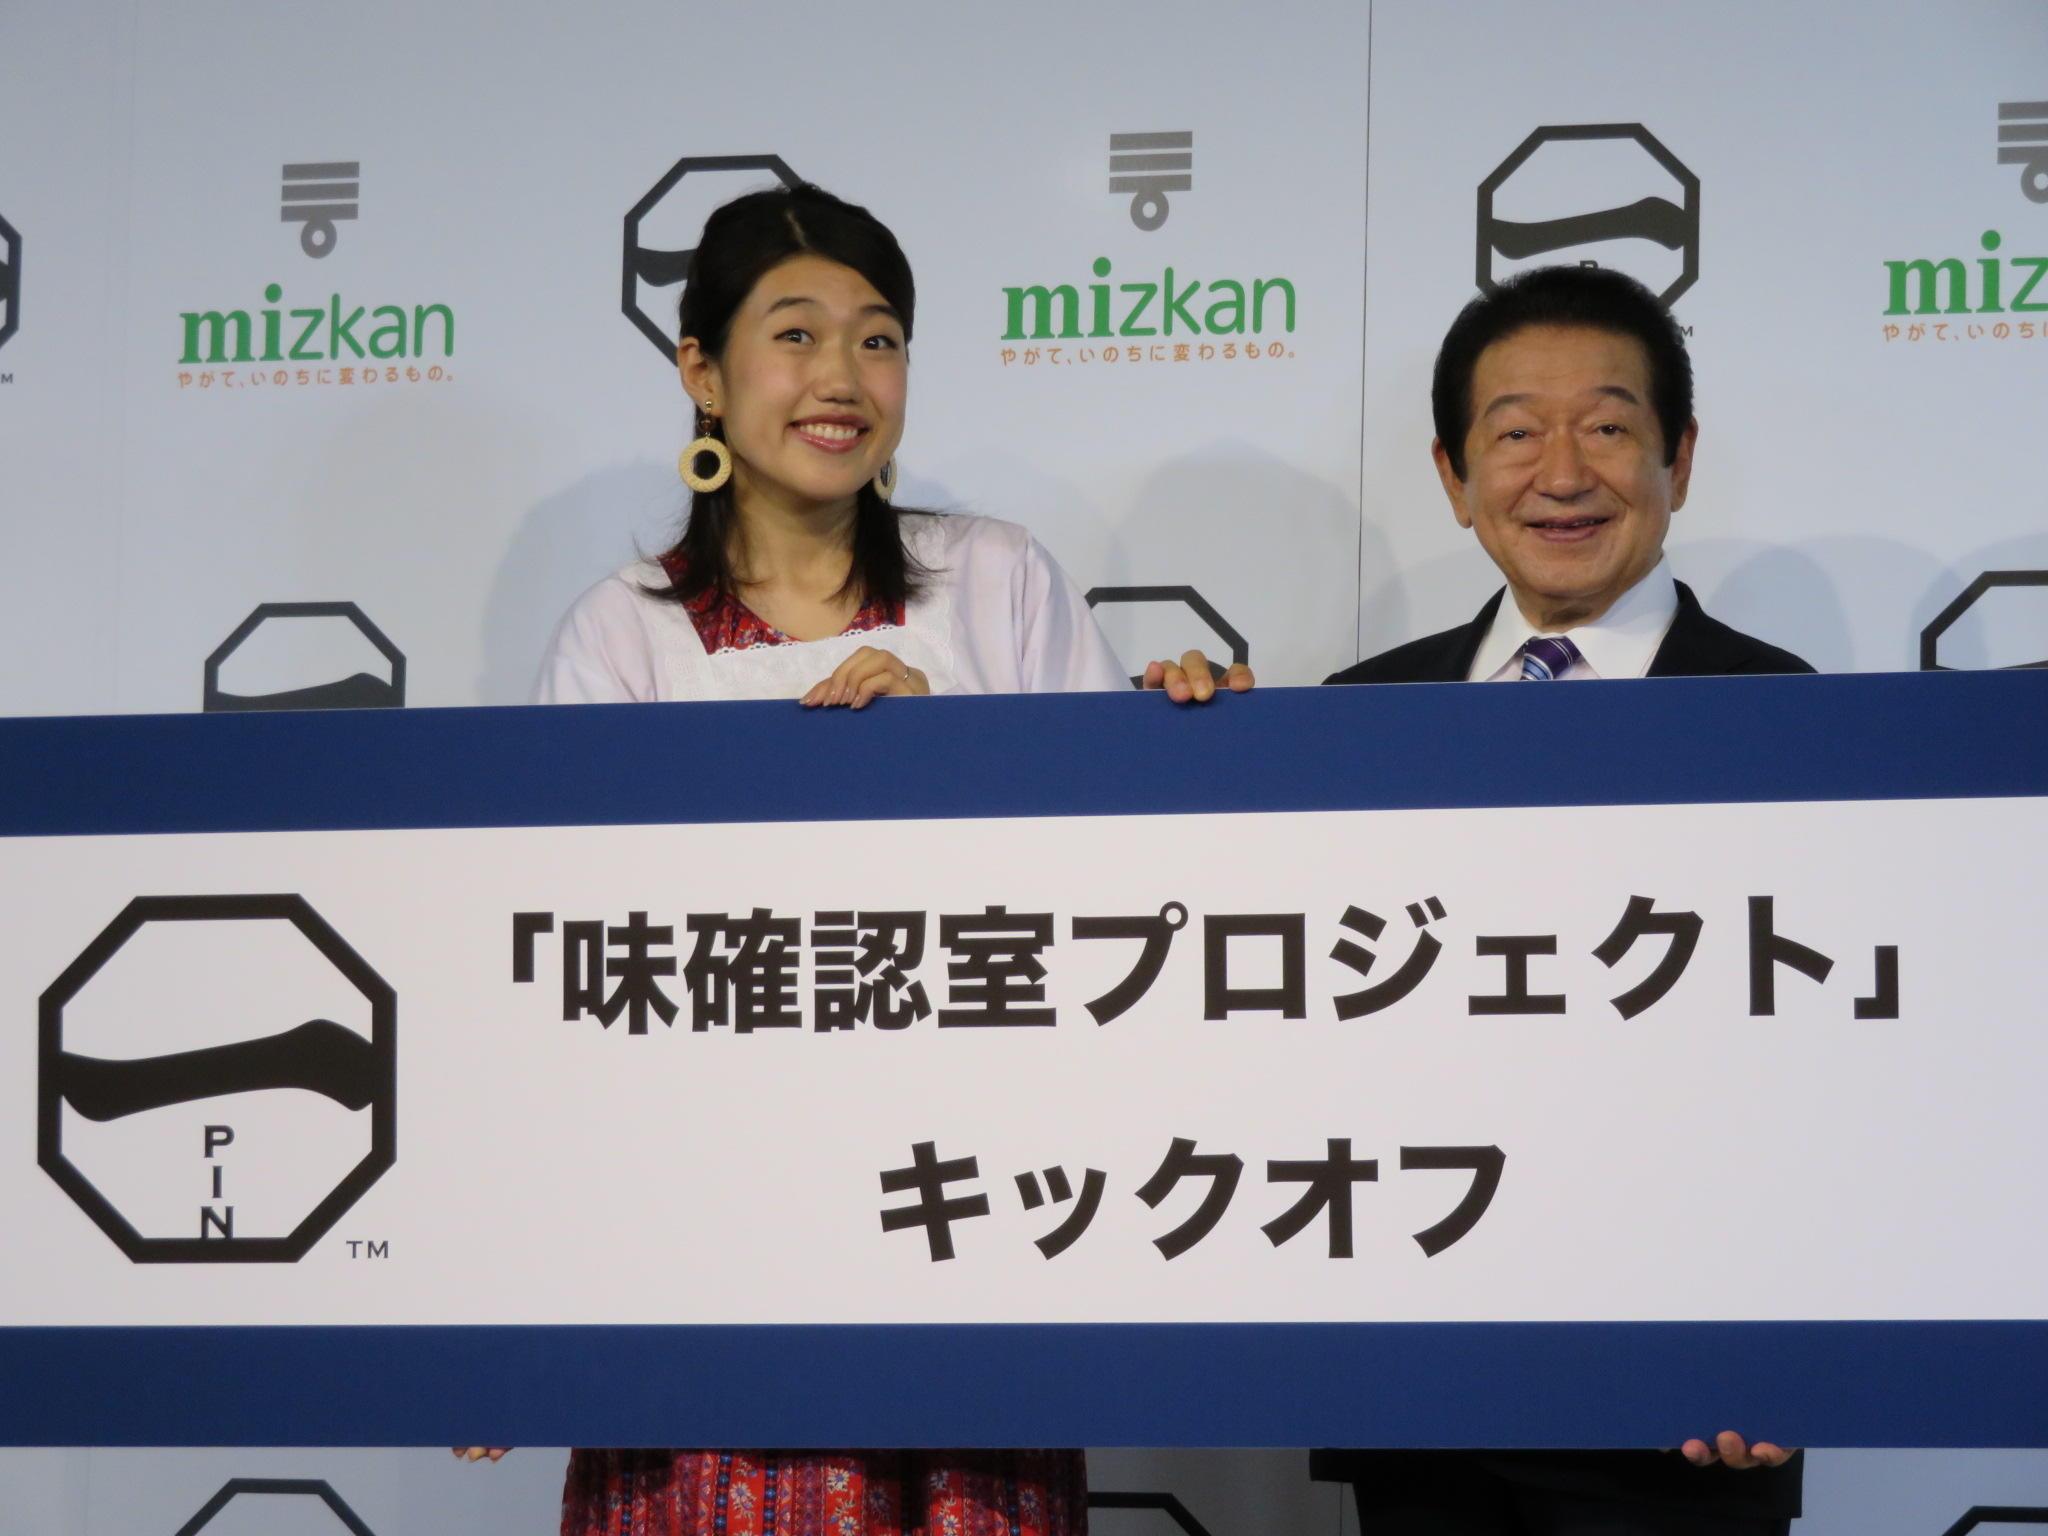 http://news.yoshimoto.co.jp/20180612210112-a6e019b6f8d6bc46a2e6e6e482abf45061421fbf.jpg